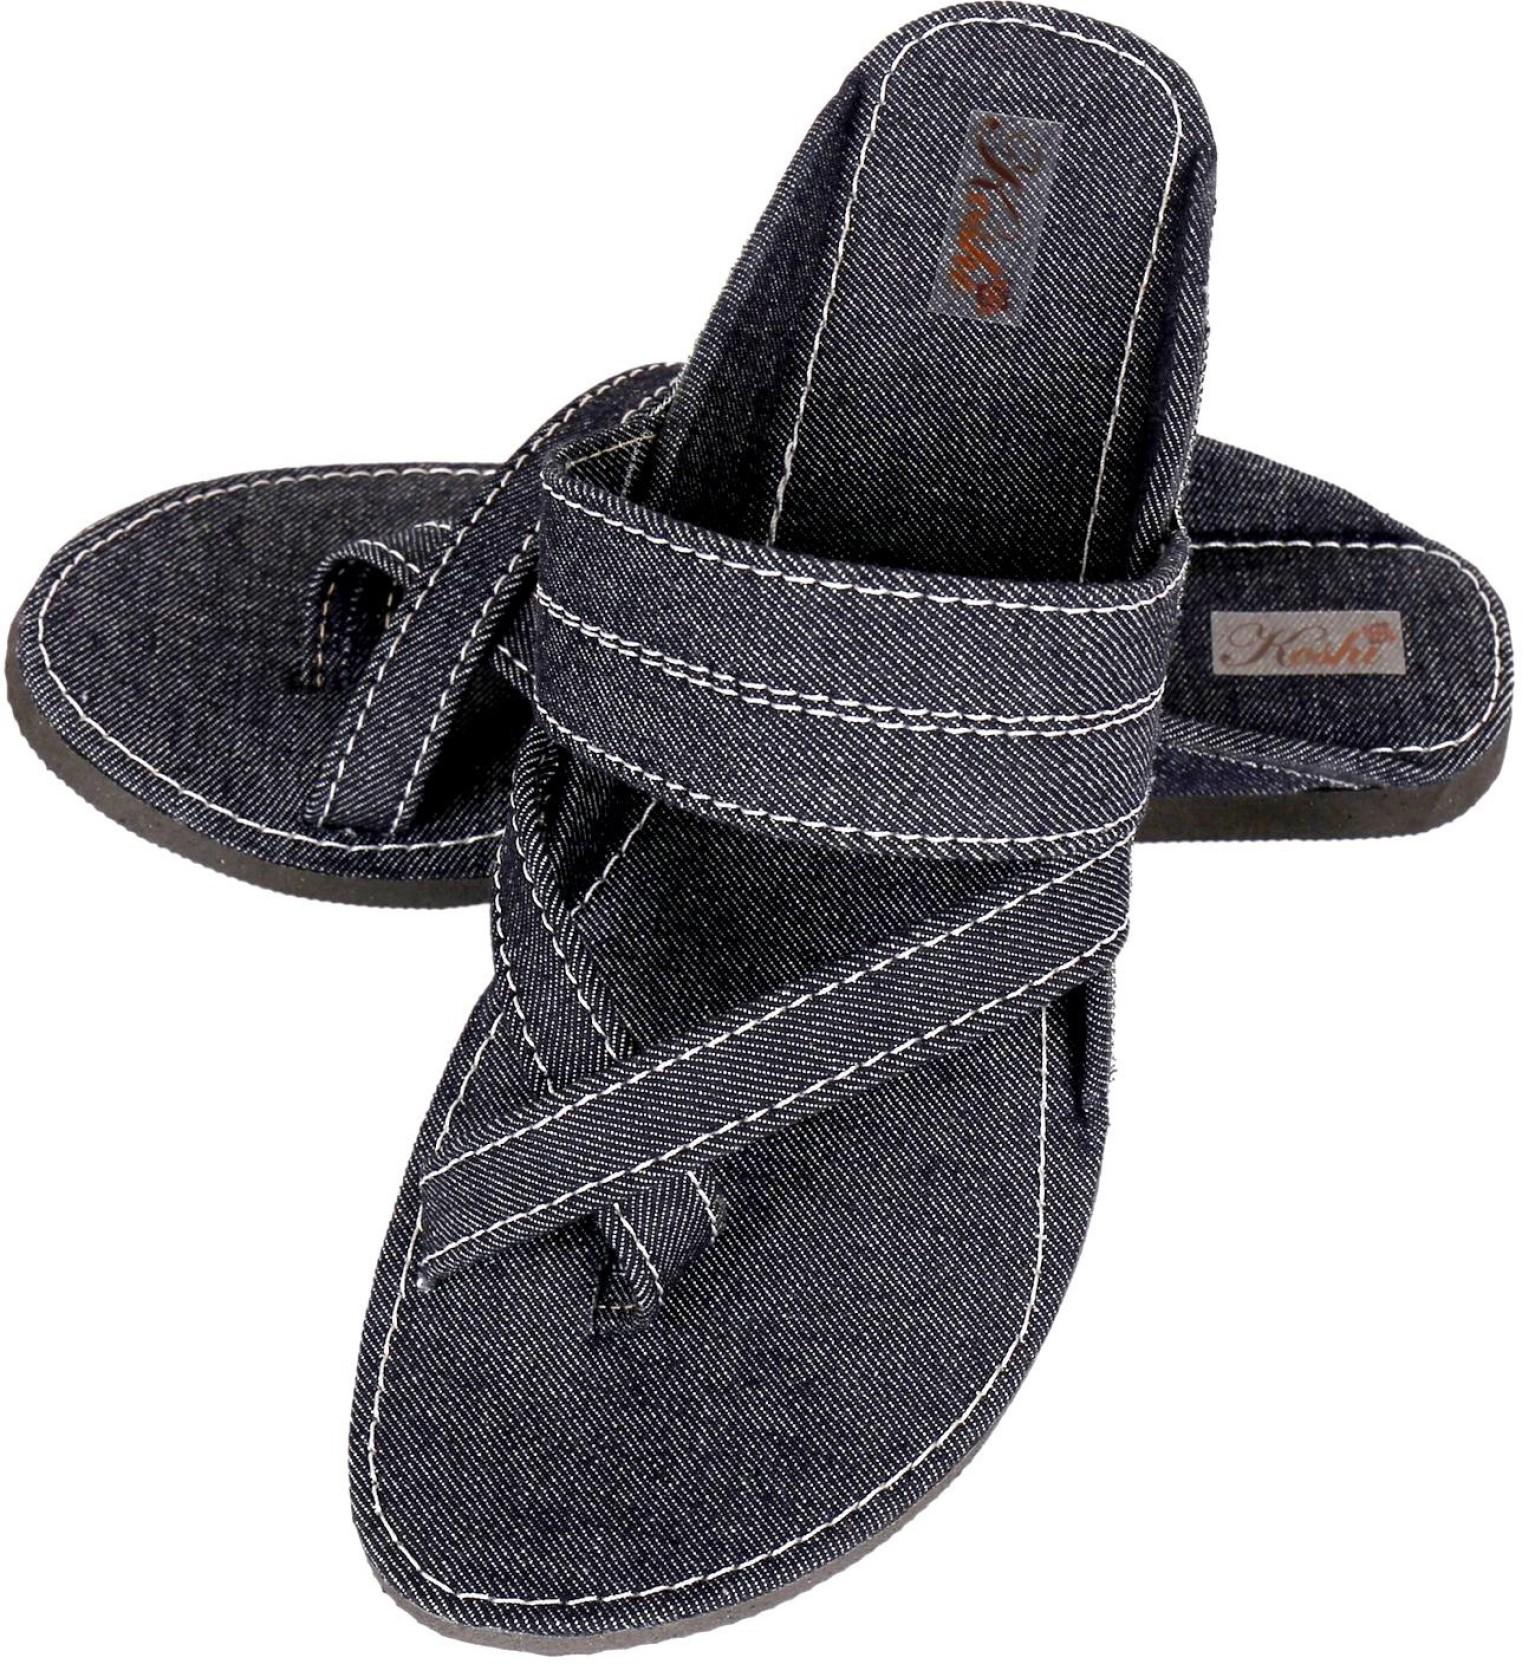 9f15b1a55 Koshi Men Black Sandals - Buy Koshi Men Black Sandals Online at Best ...